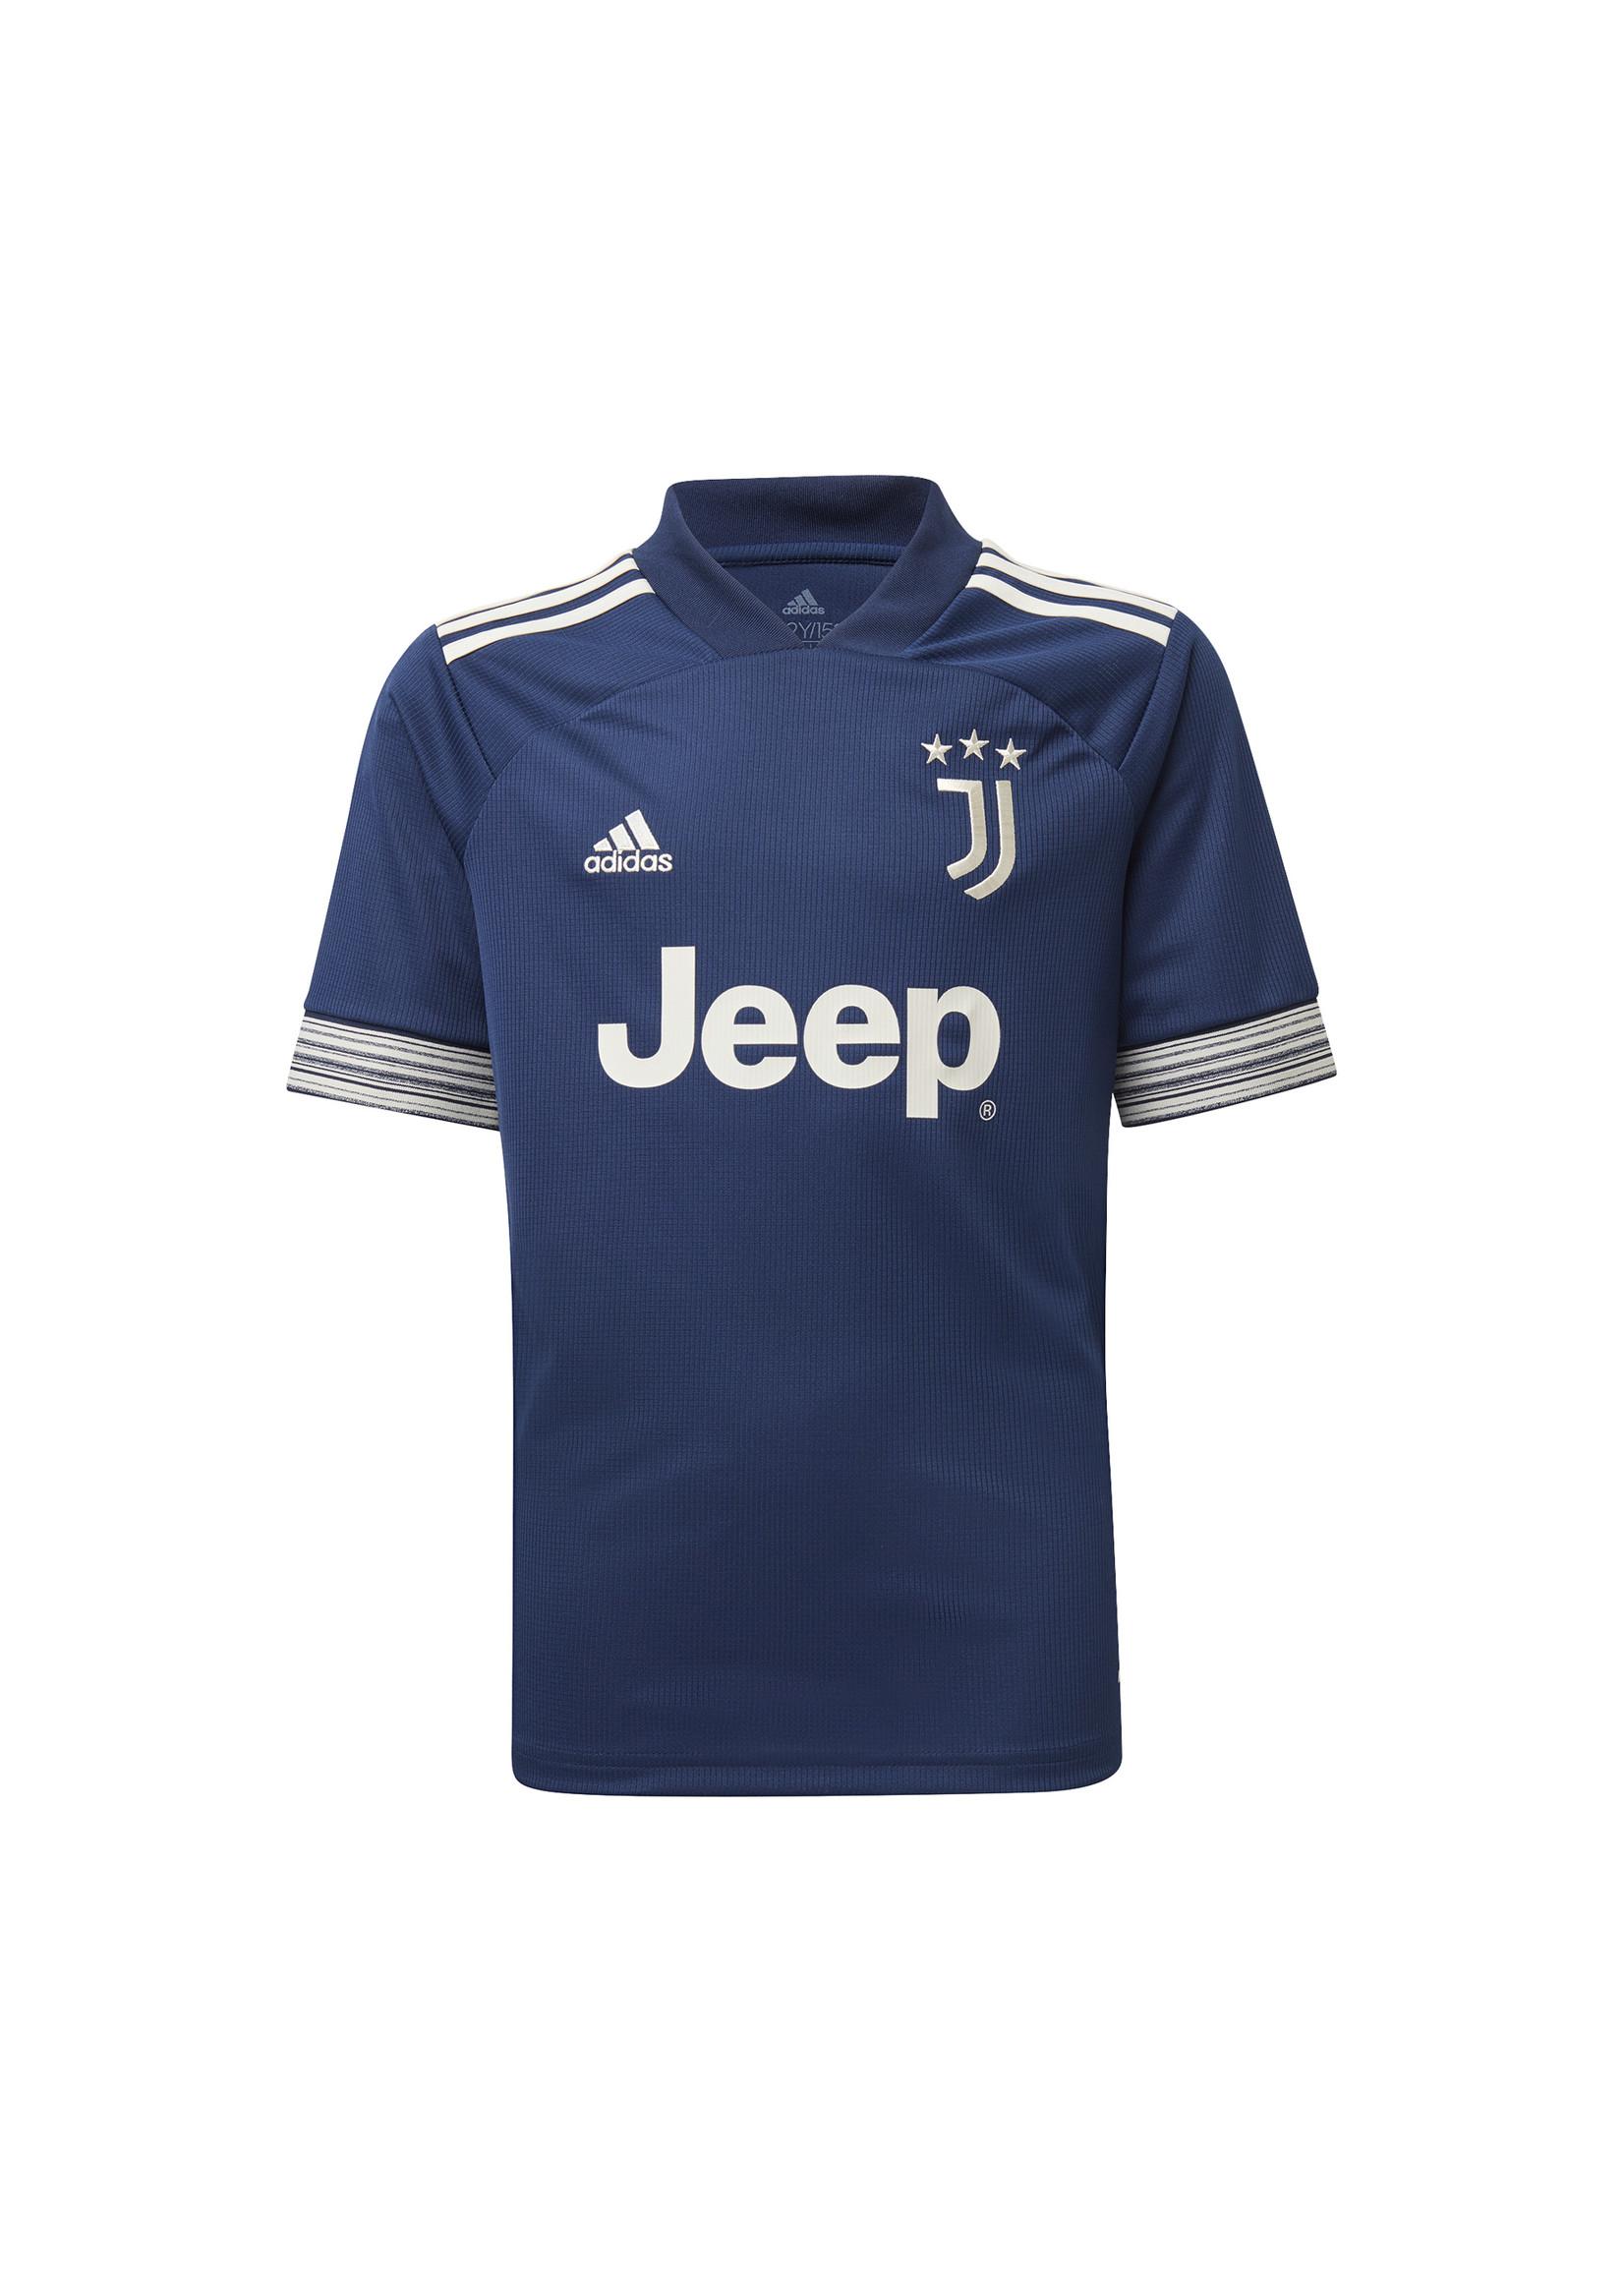 Adidas Juventus 20/21 Away Jersey Youth